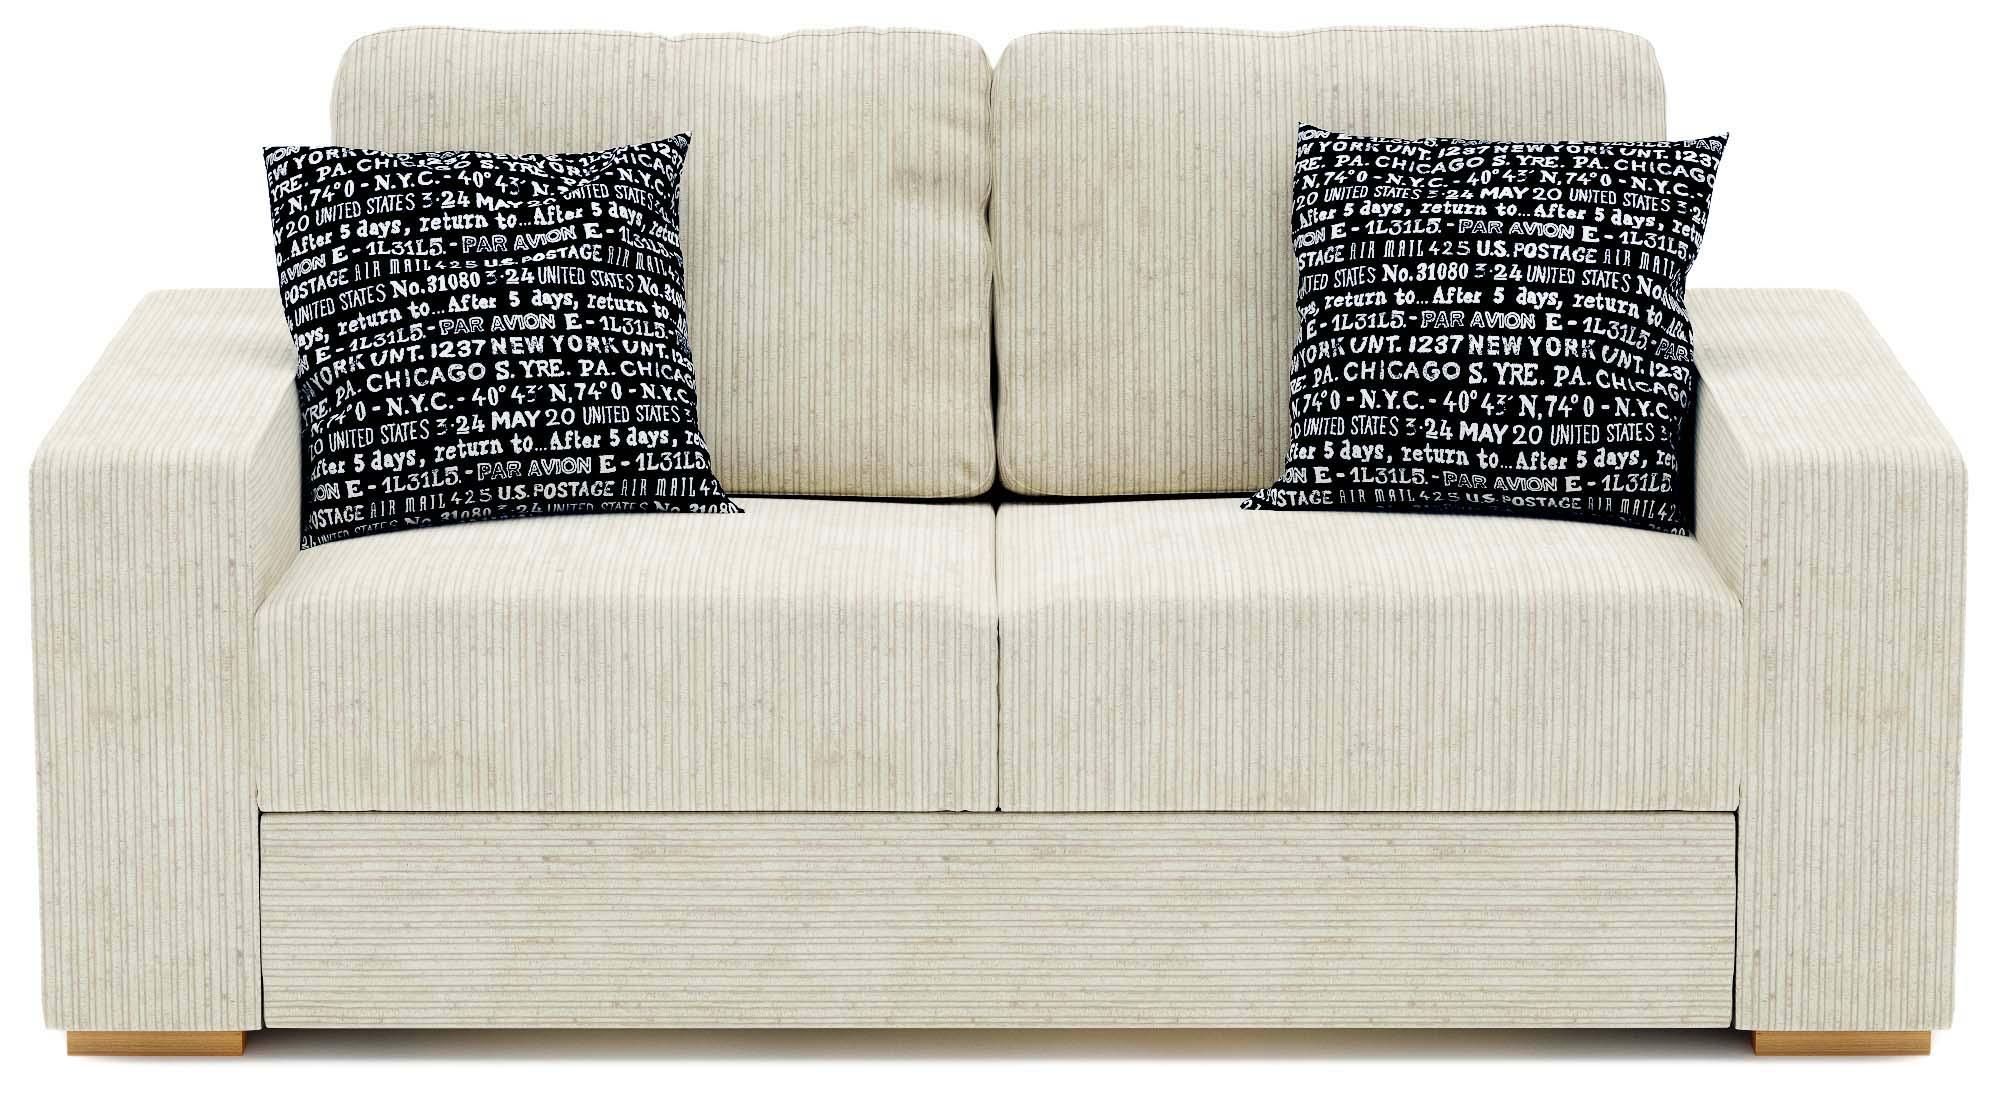 Sker 2 Seat Sofa